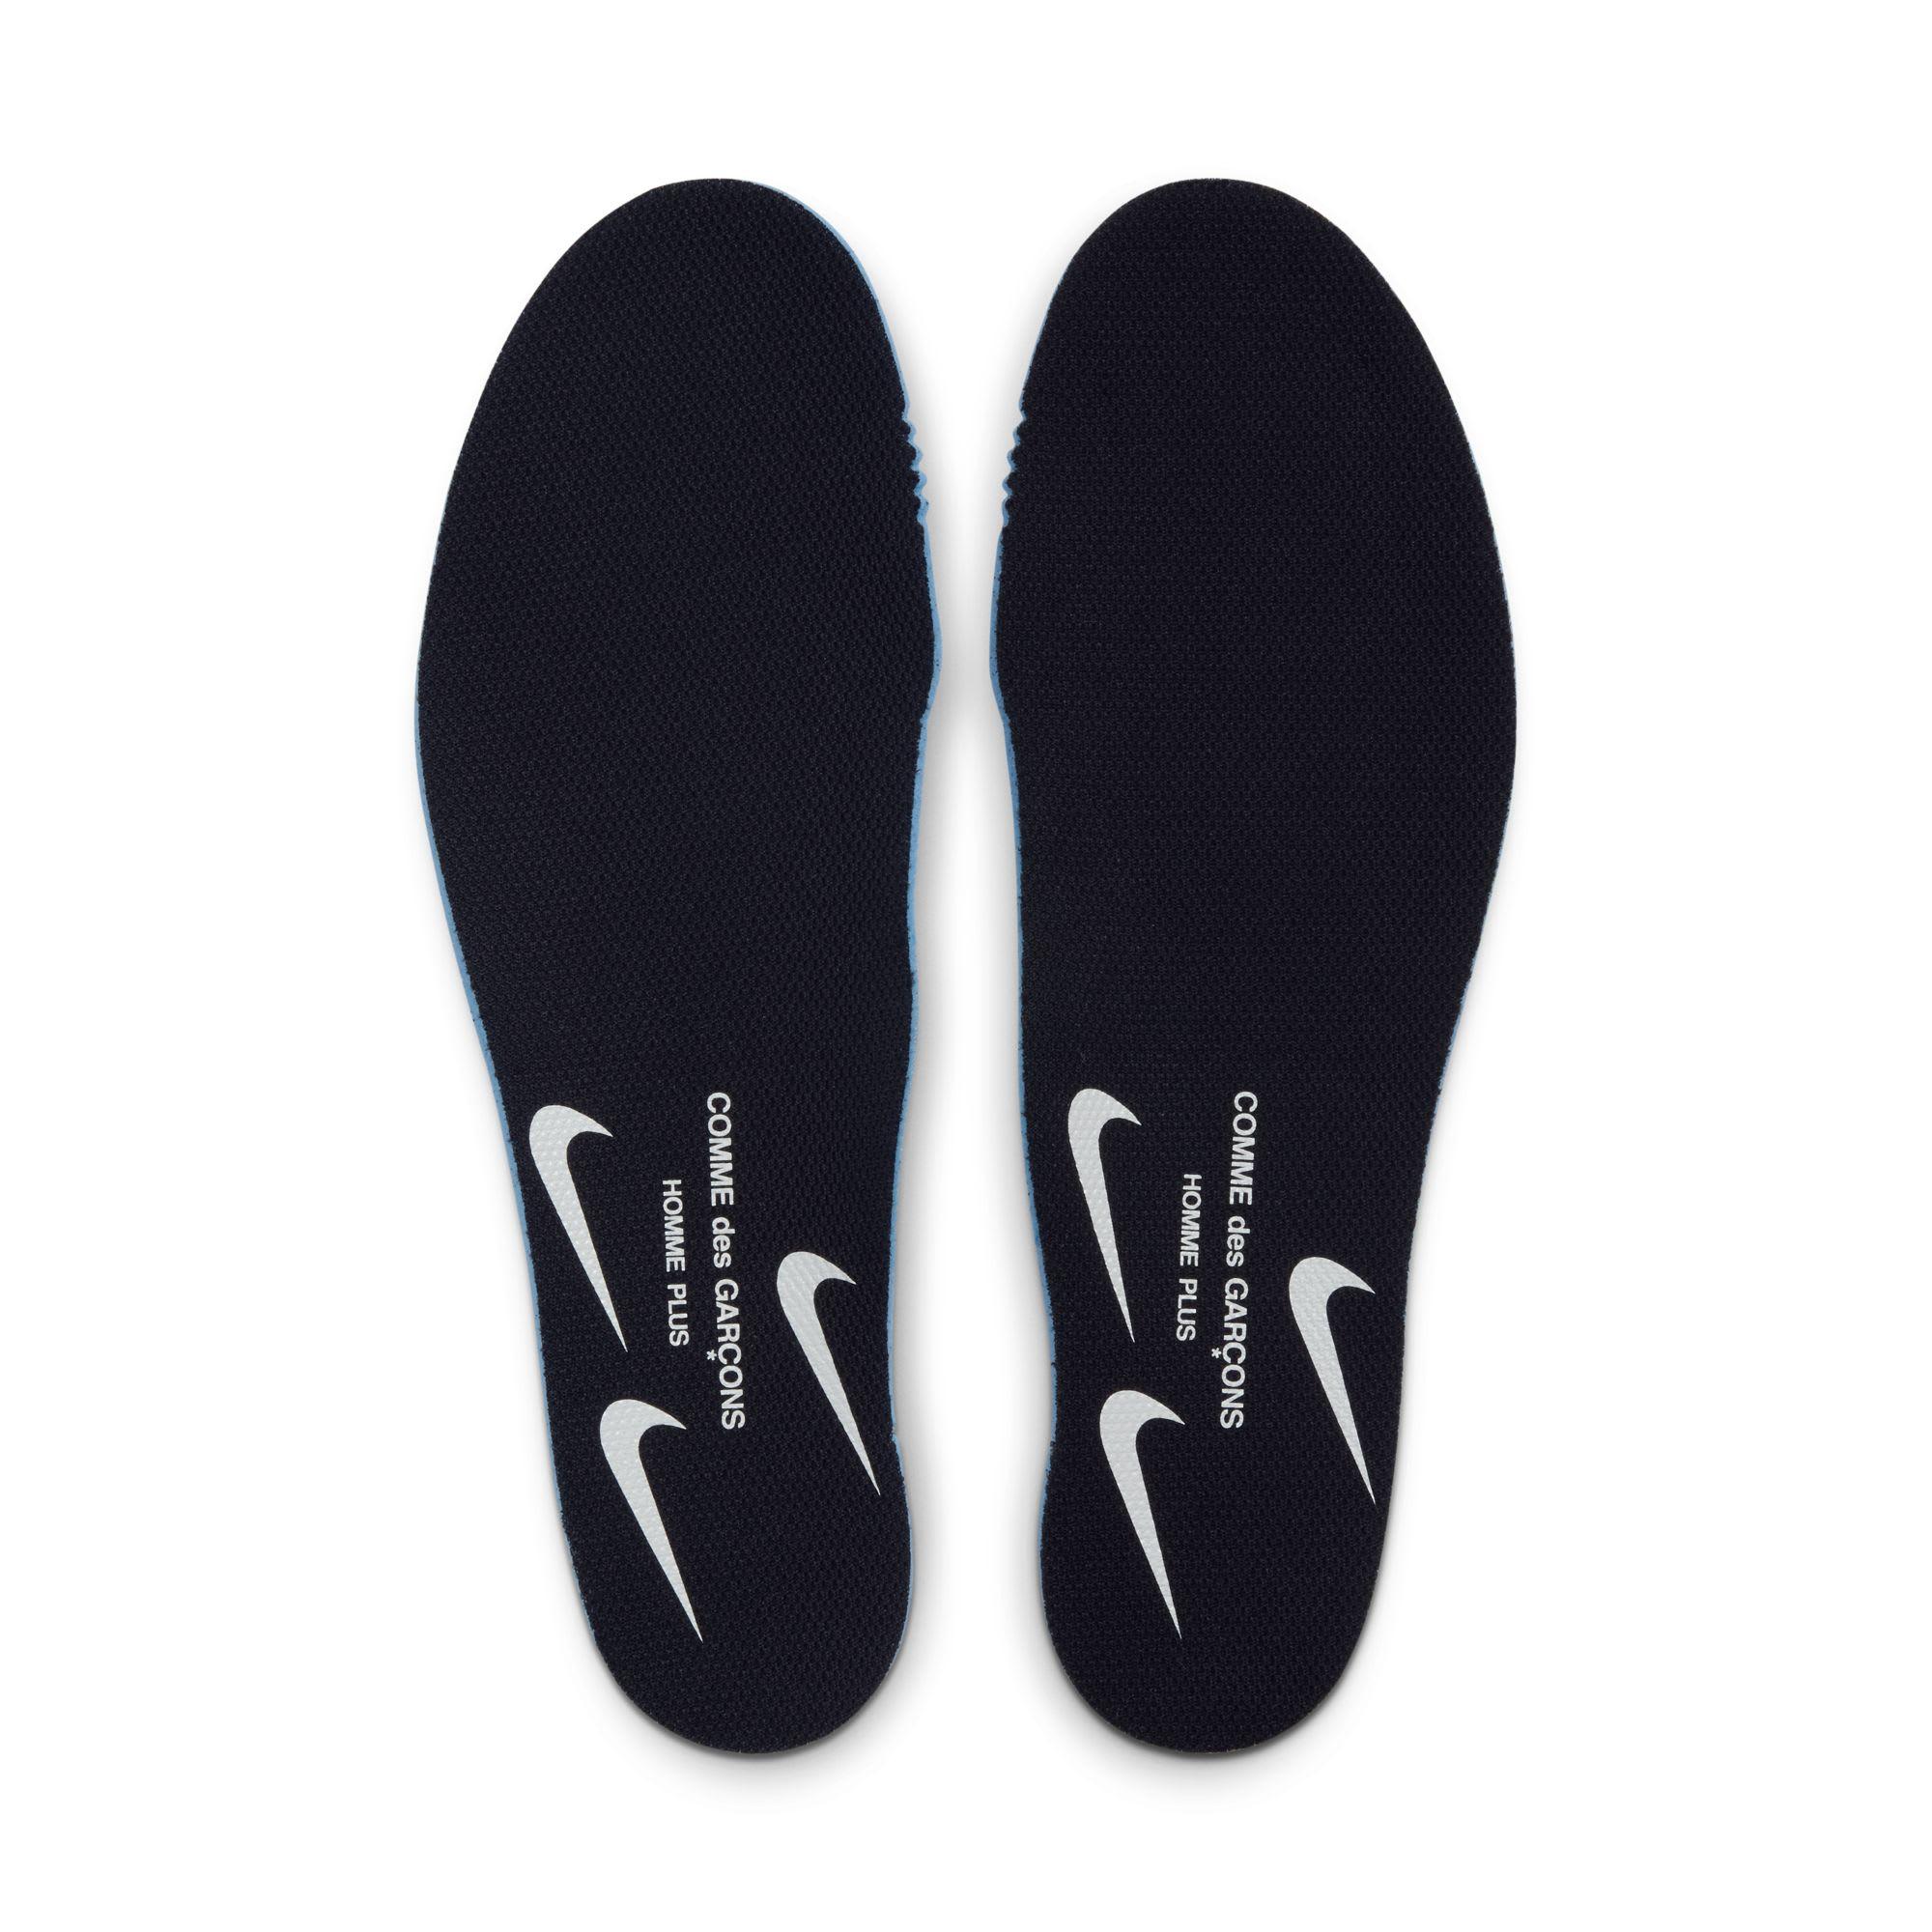 Comme des Garçons x Nike Air Max 95 'Triple Black' (Insole)